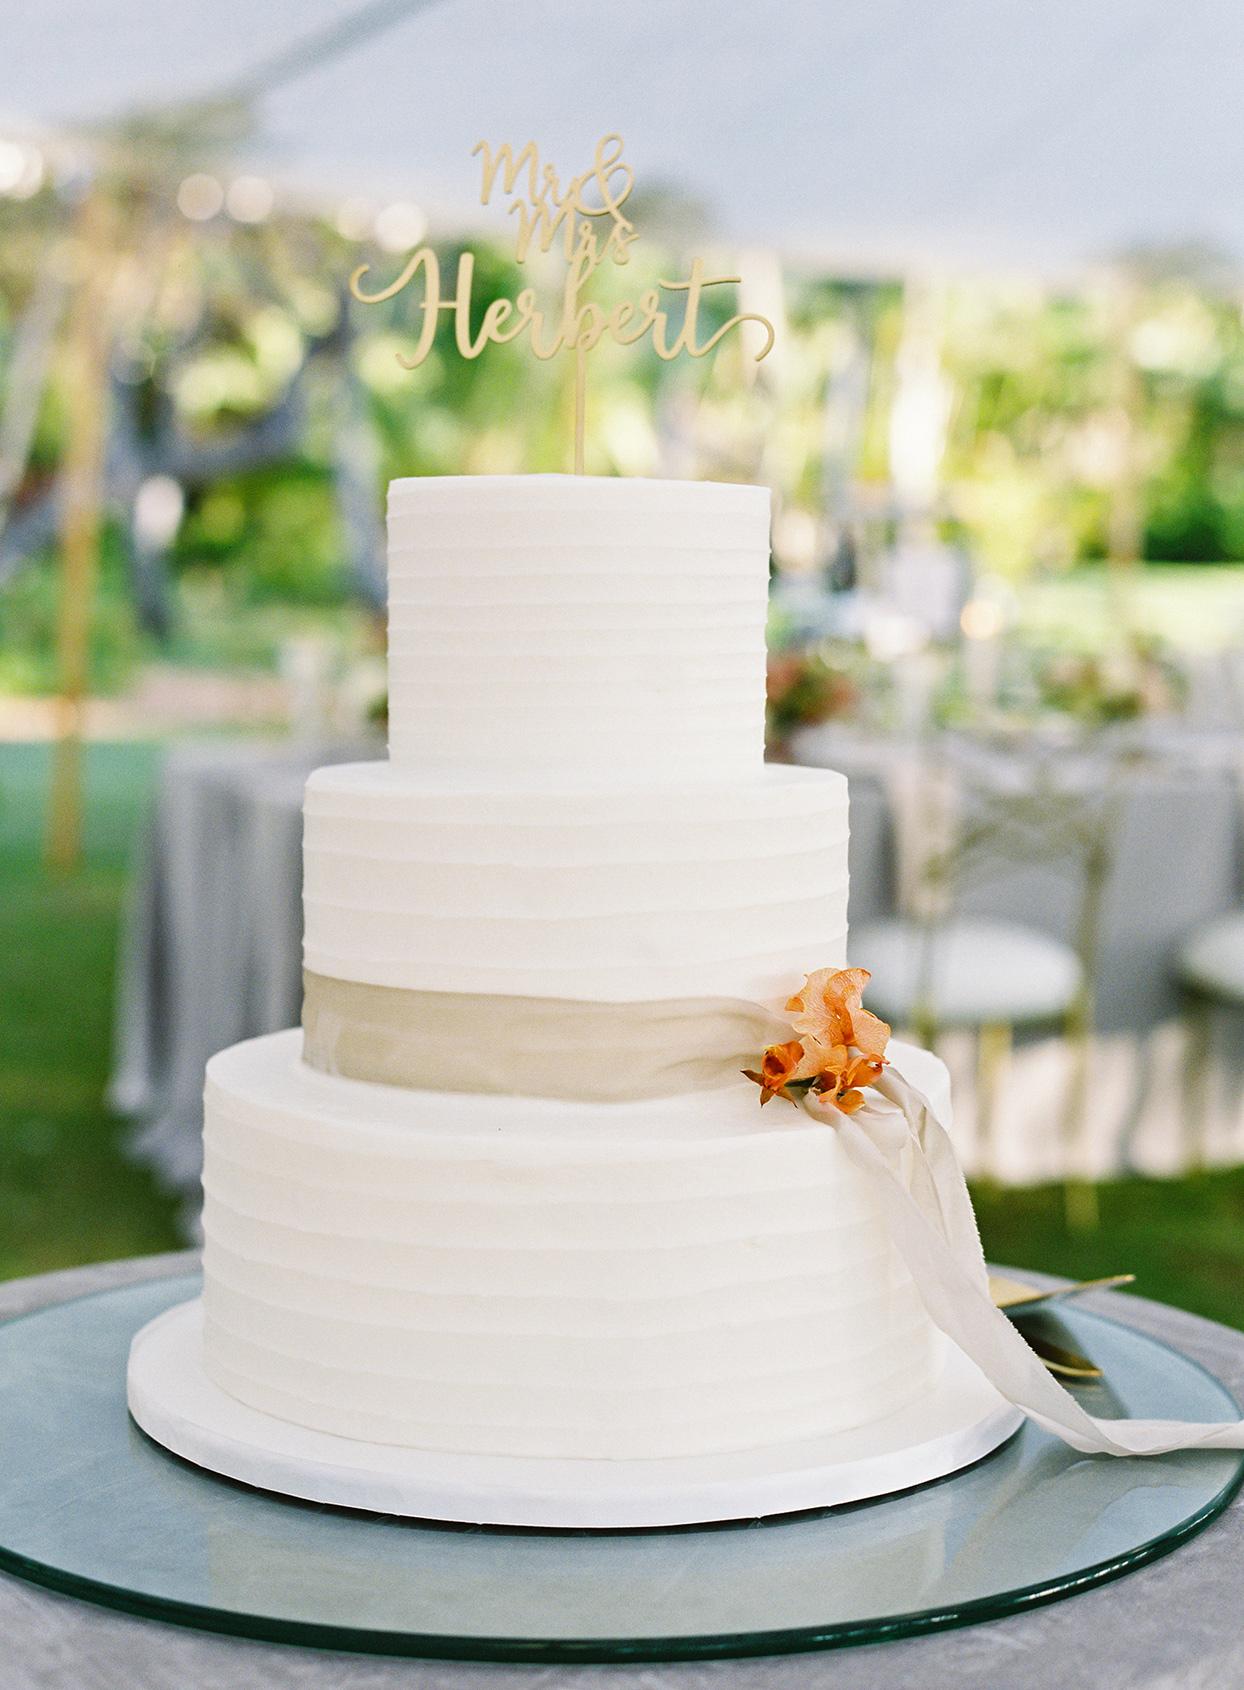 azuki sam wedding white cake with name topper